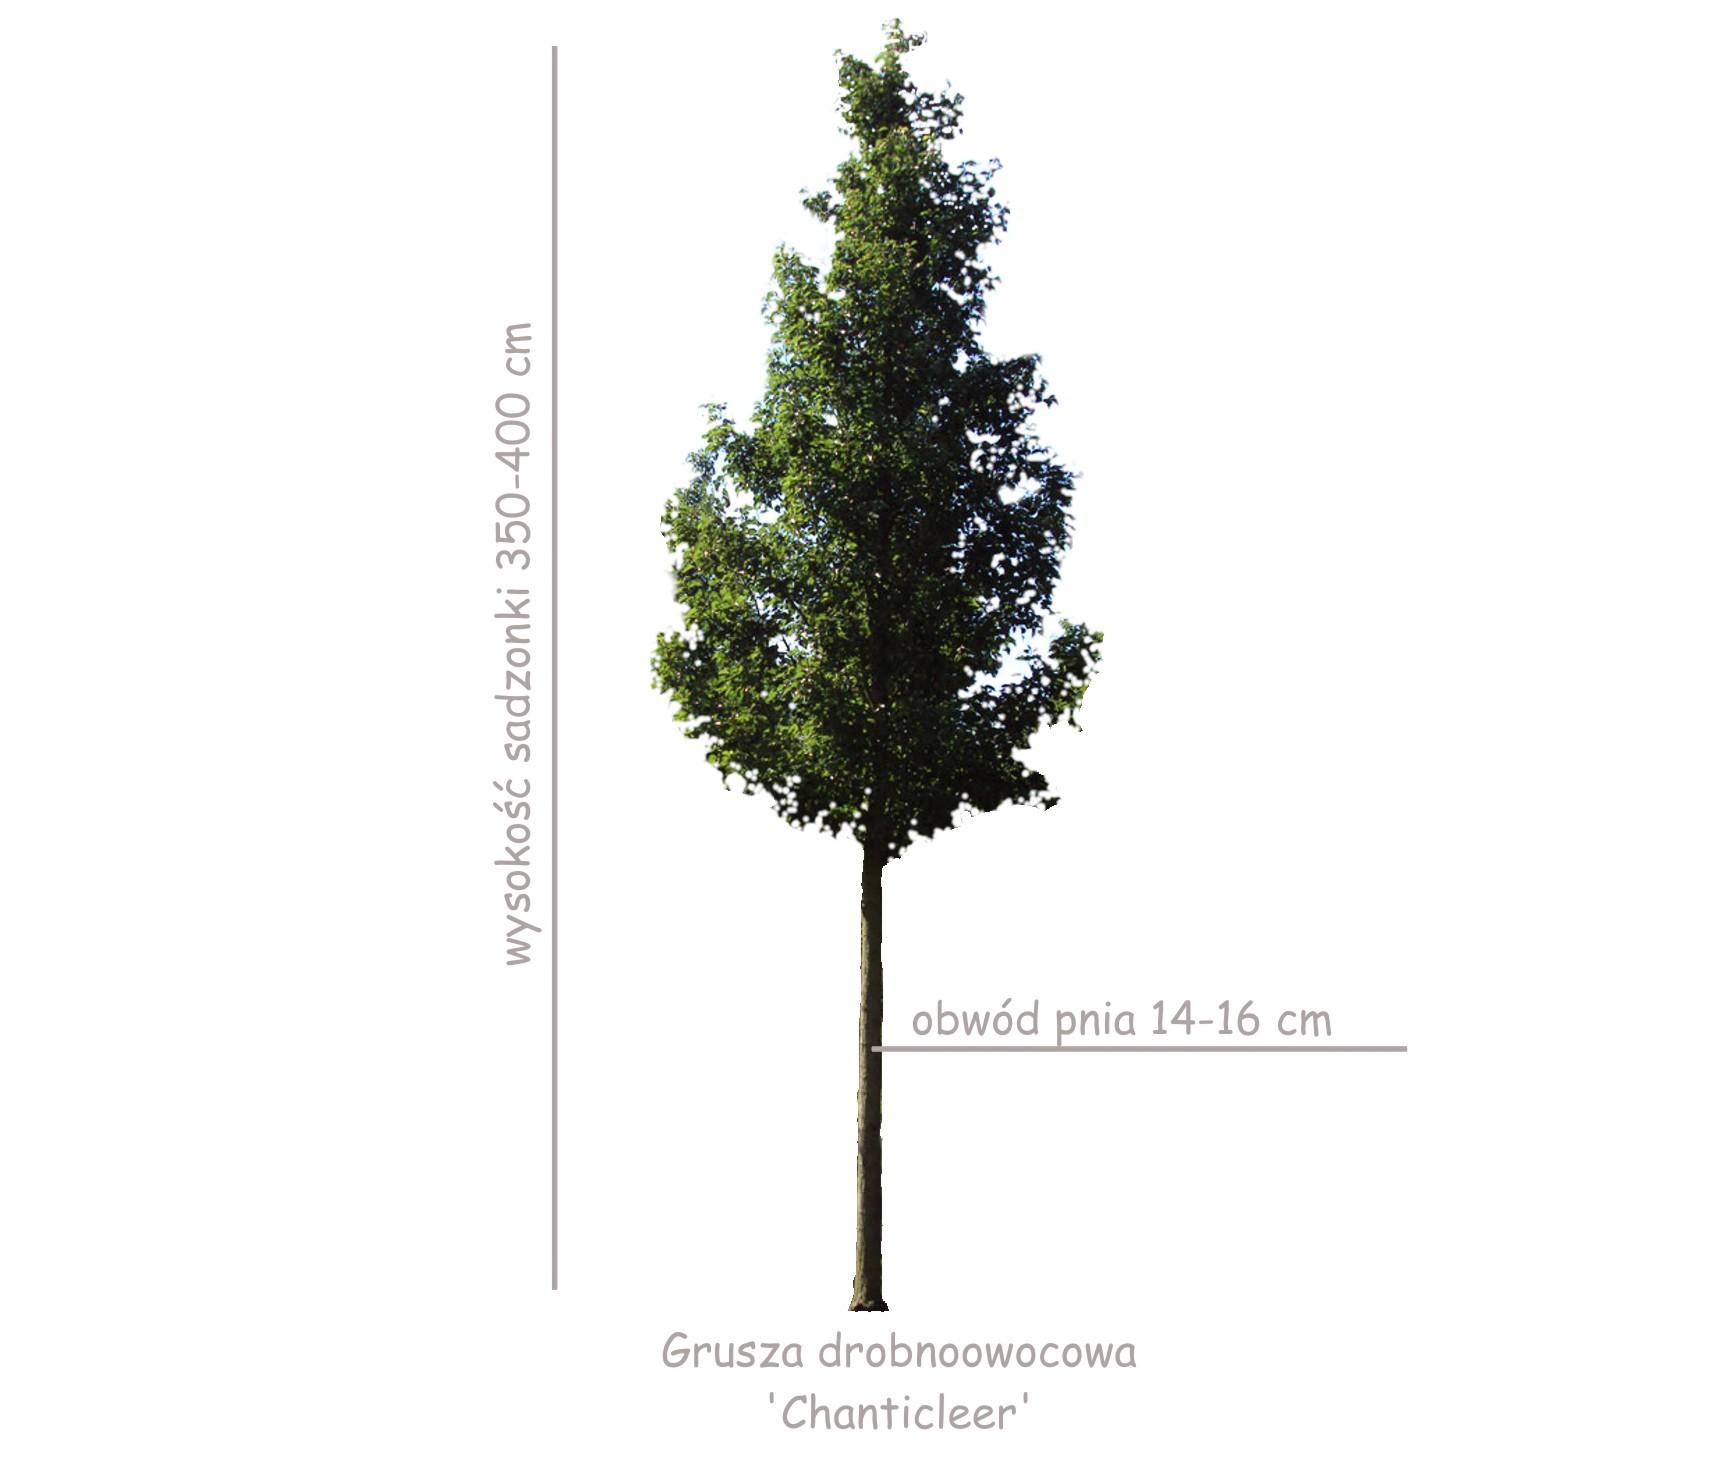 Grusza drobnoowocowa 'Chanticleer' duża sadzonka o wysokości 350-400 cm, obwód pnia 14-16 cm